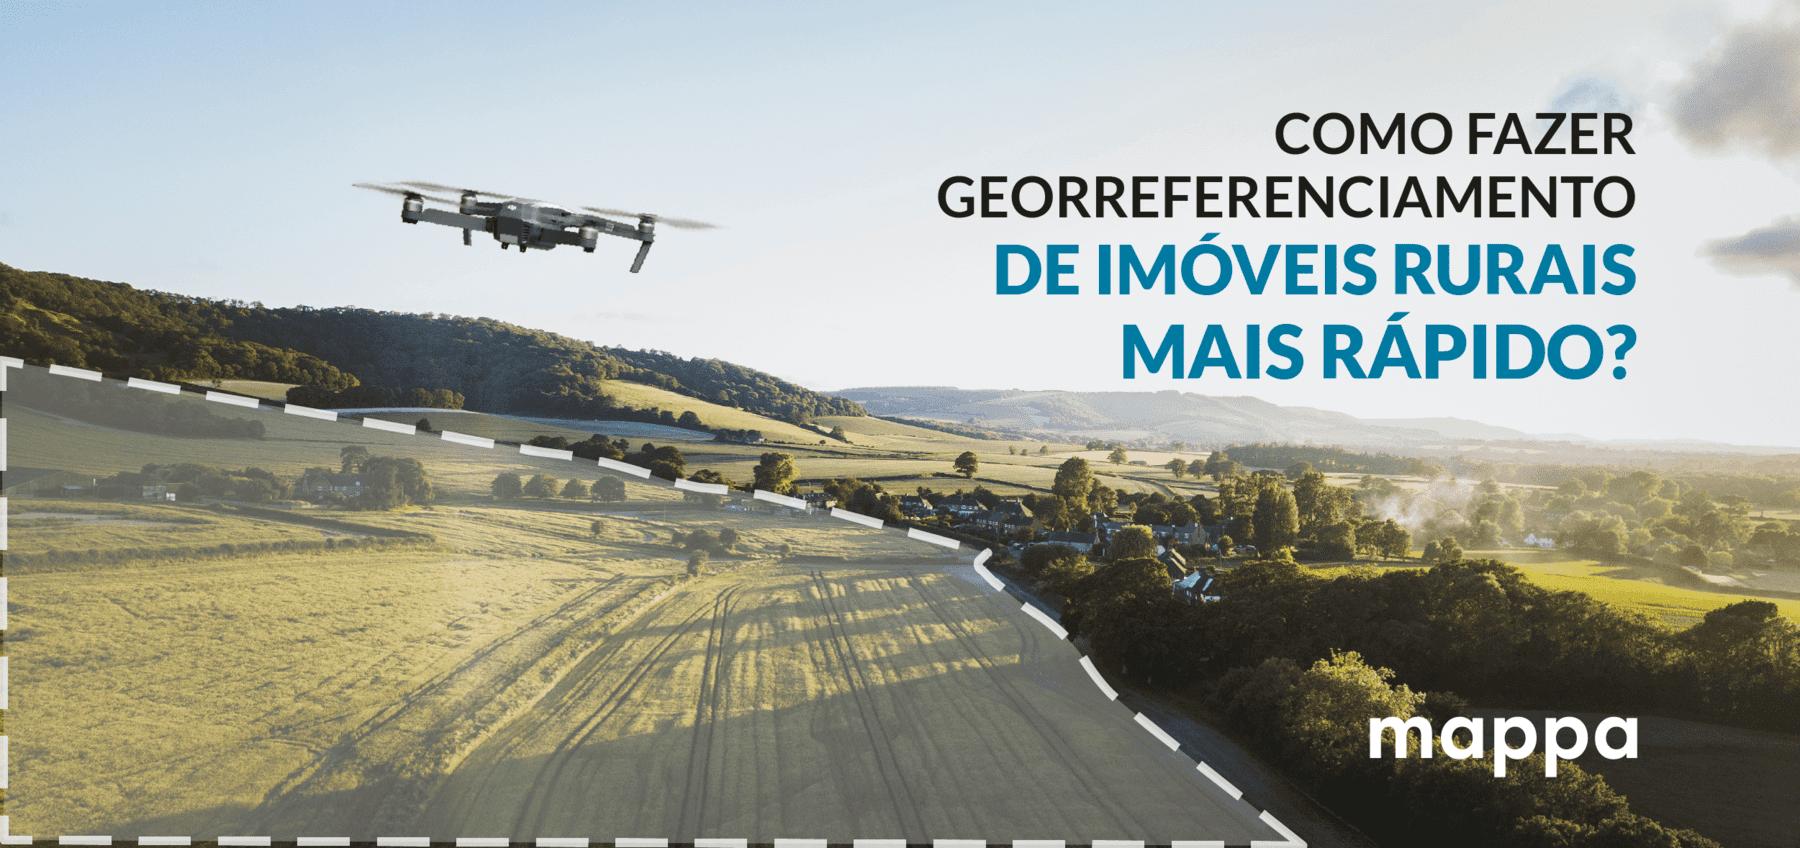 Como fazer georreferenciamento de imóveis rurais mais rápido?